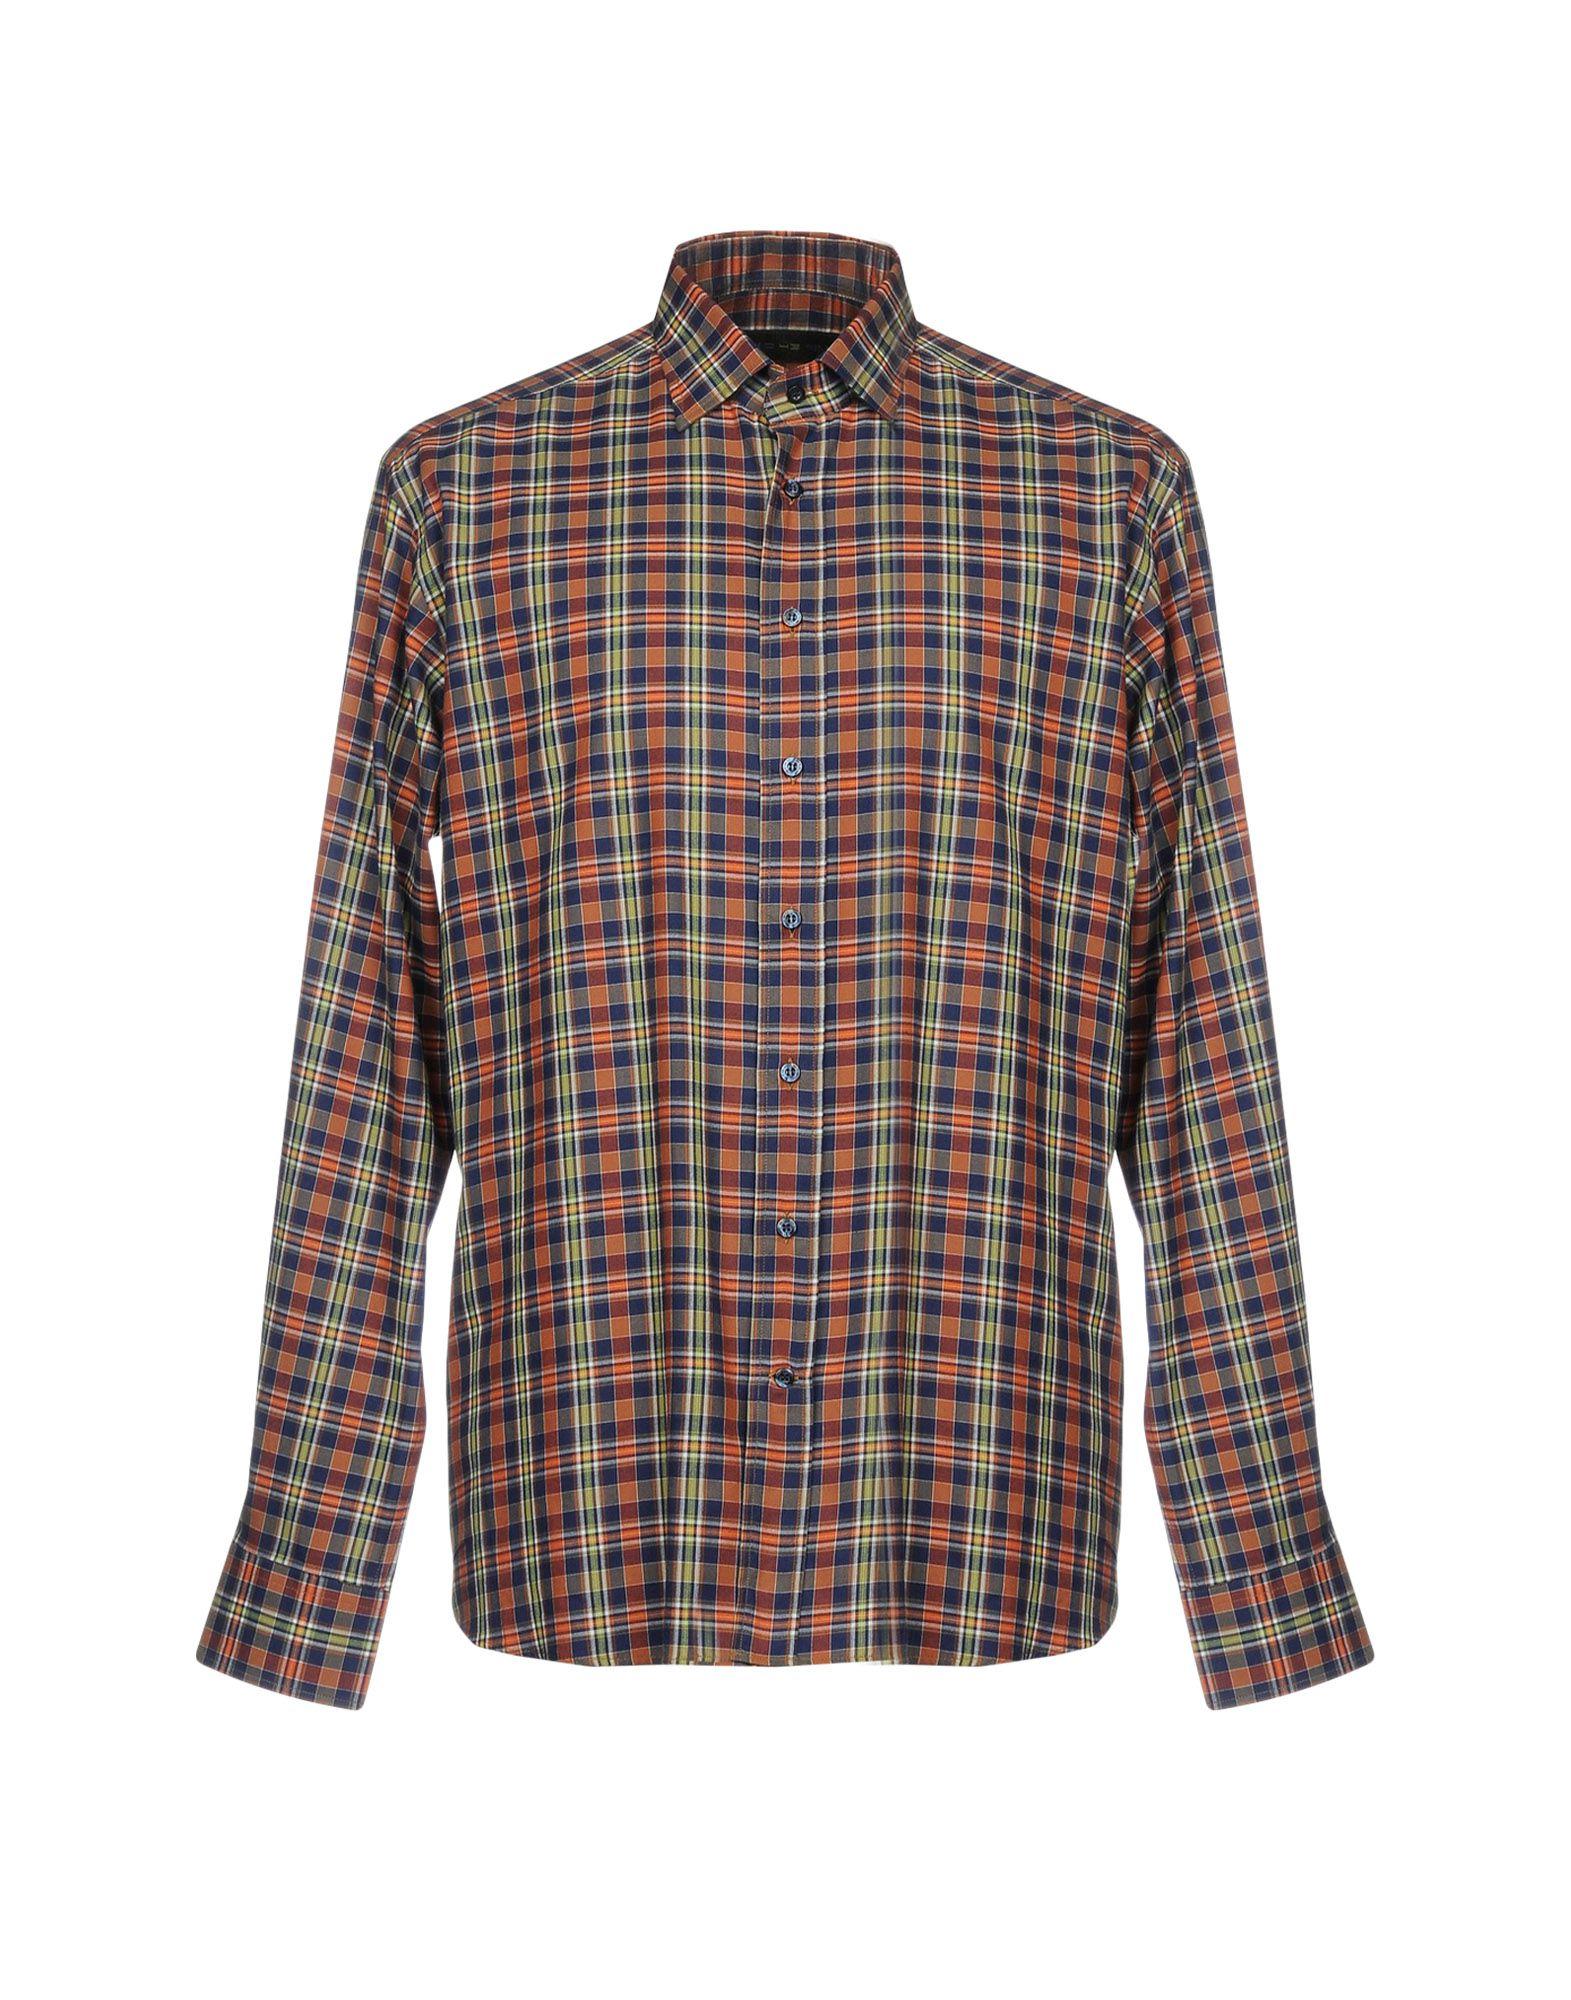 ETRO Herren Hemd Farbe Braun Größe 8